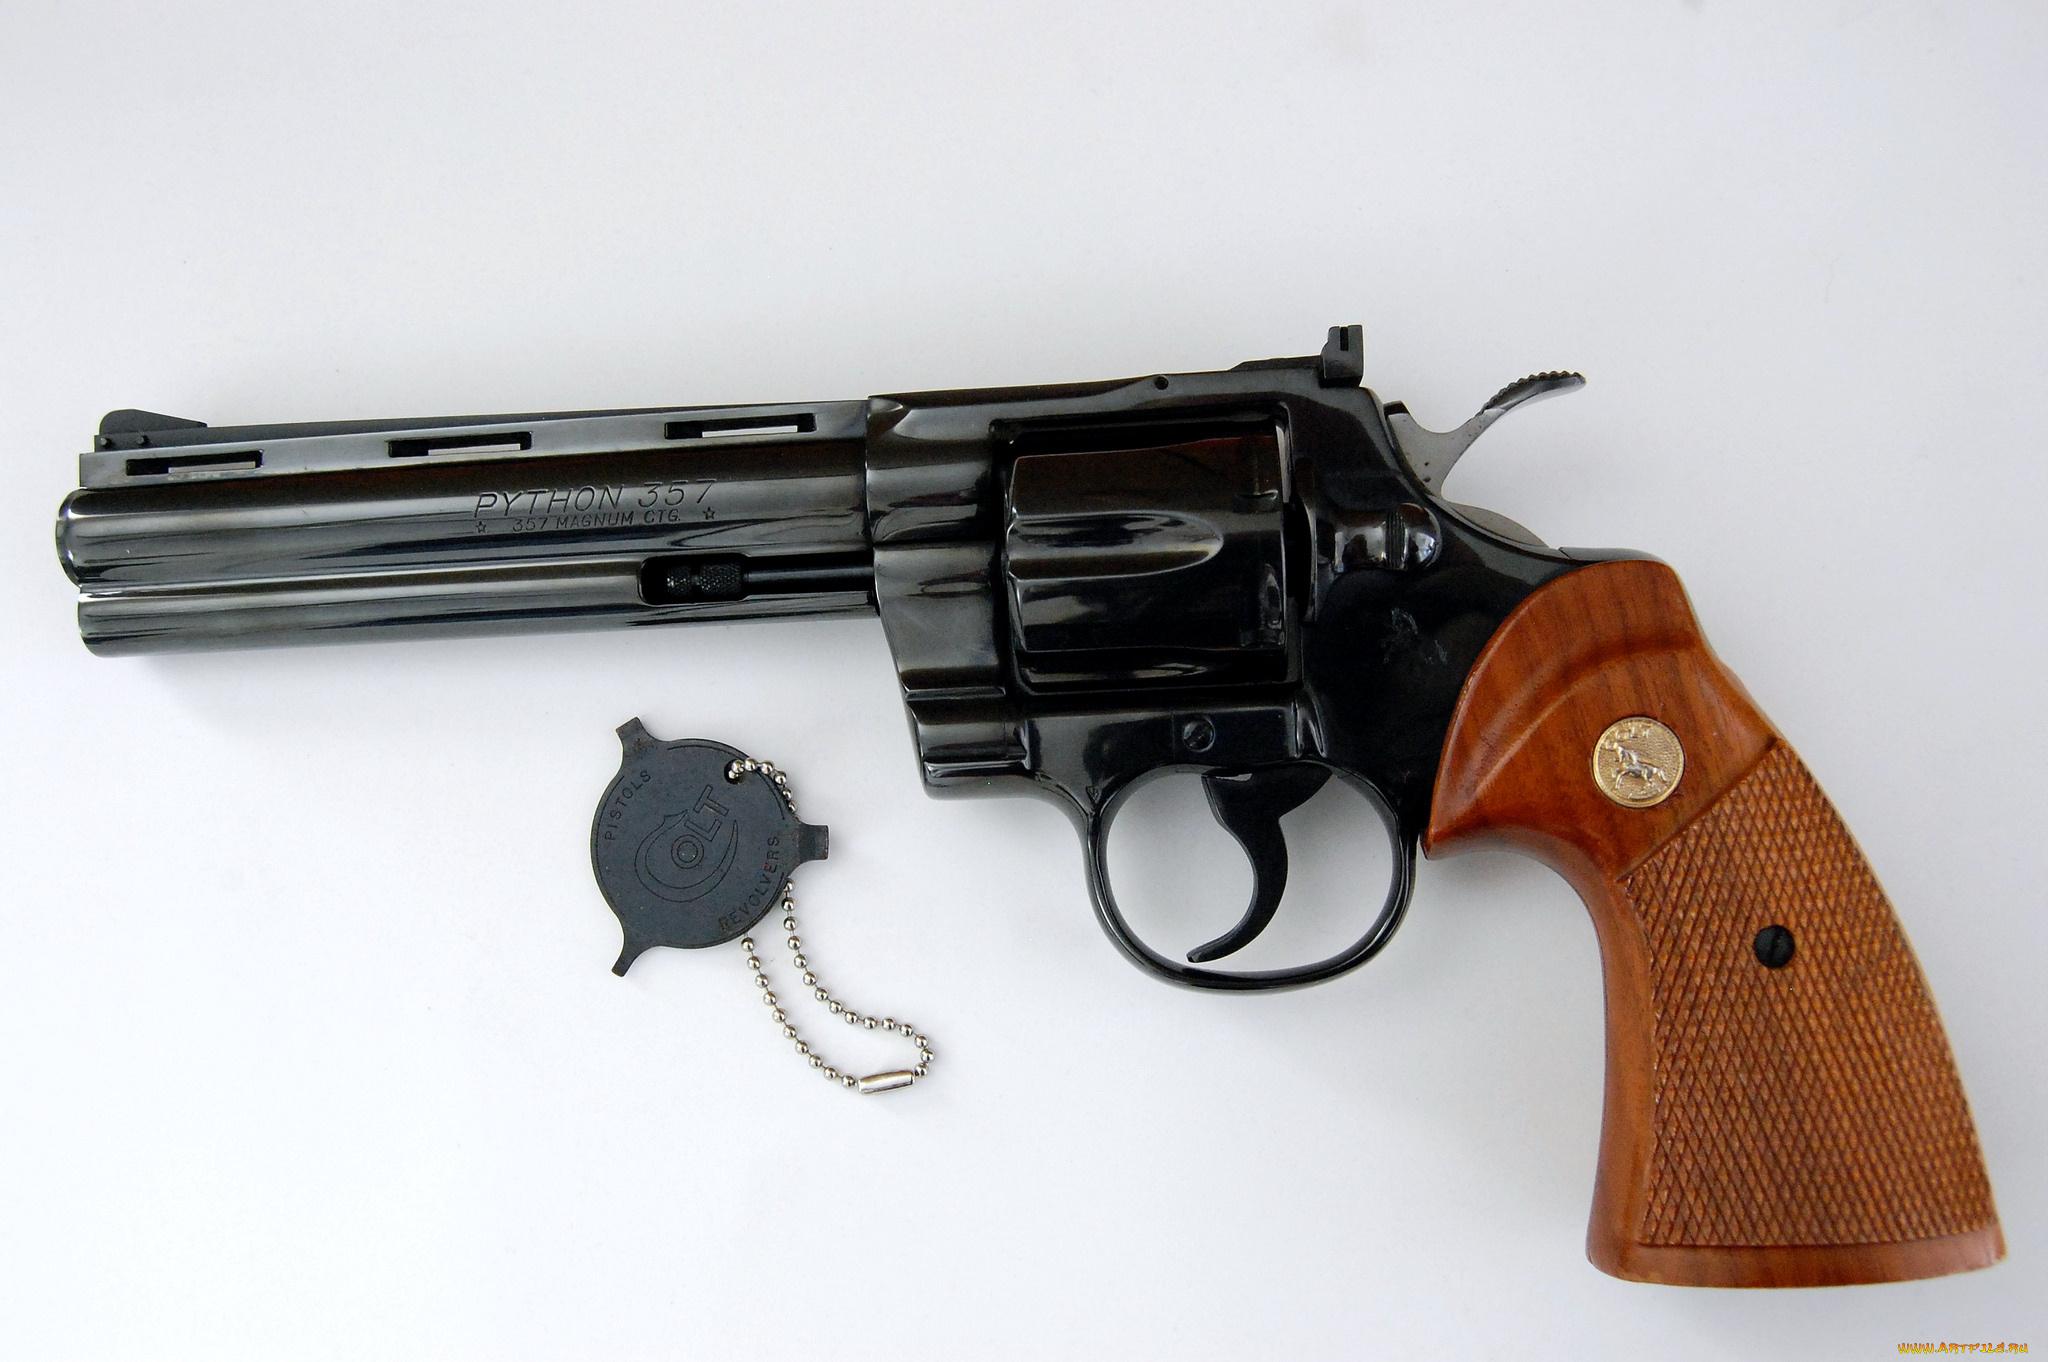 ныне закрытый фото обычного черного ствола револьвера безупречную эстетику